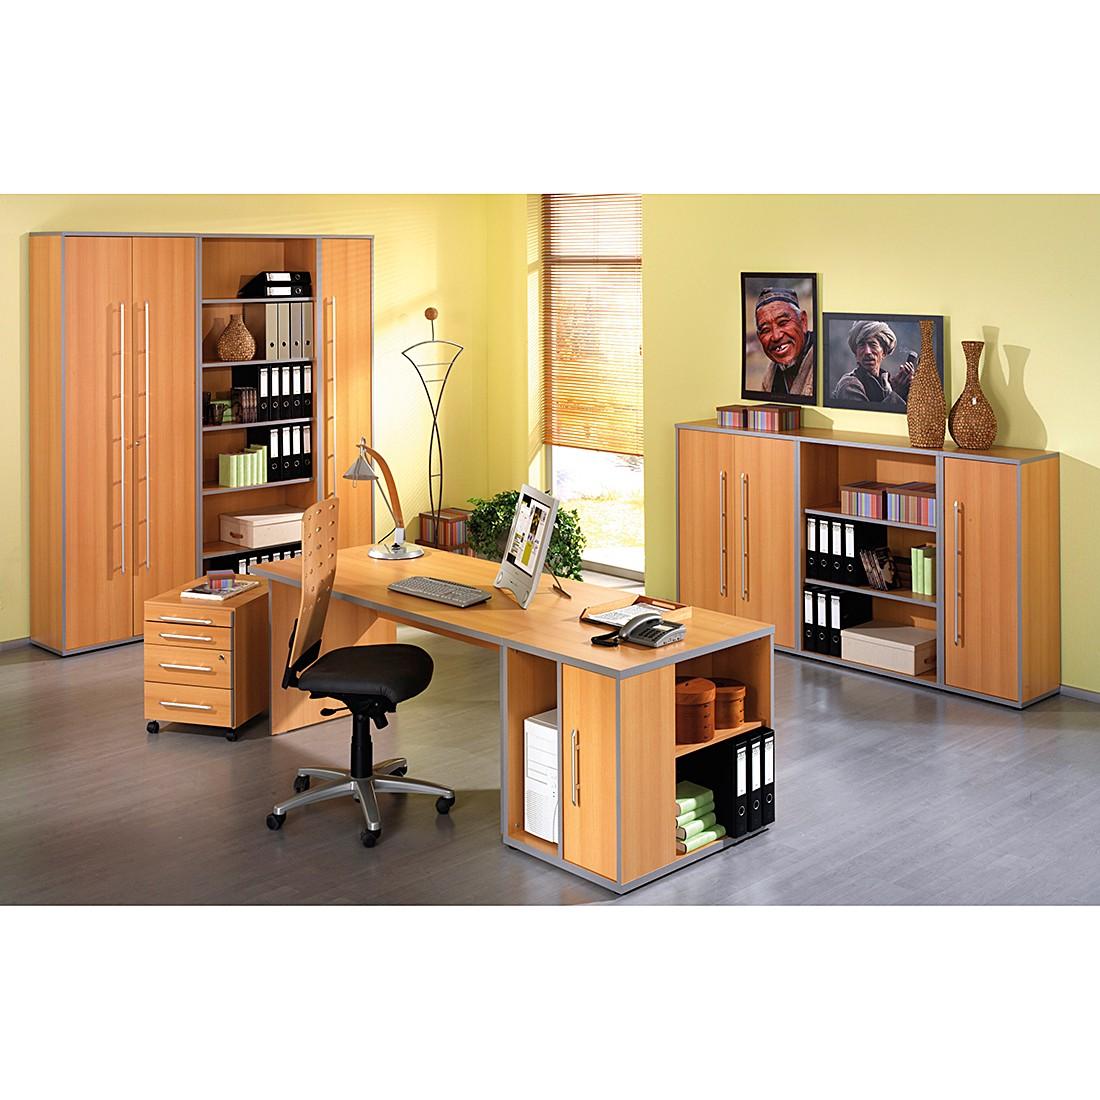 Mobilier de bureau Kirk - Imitation hêtre, Wellemöbel